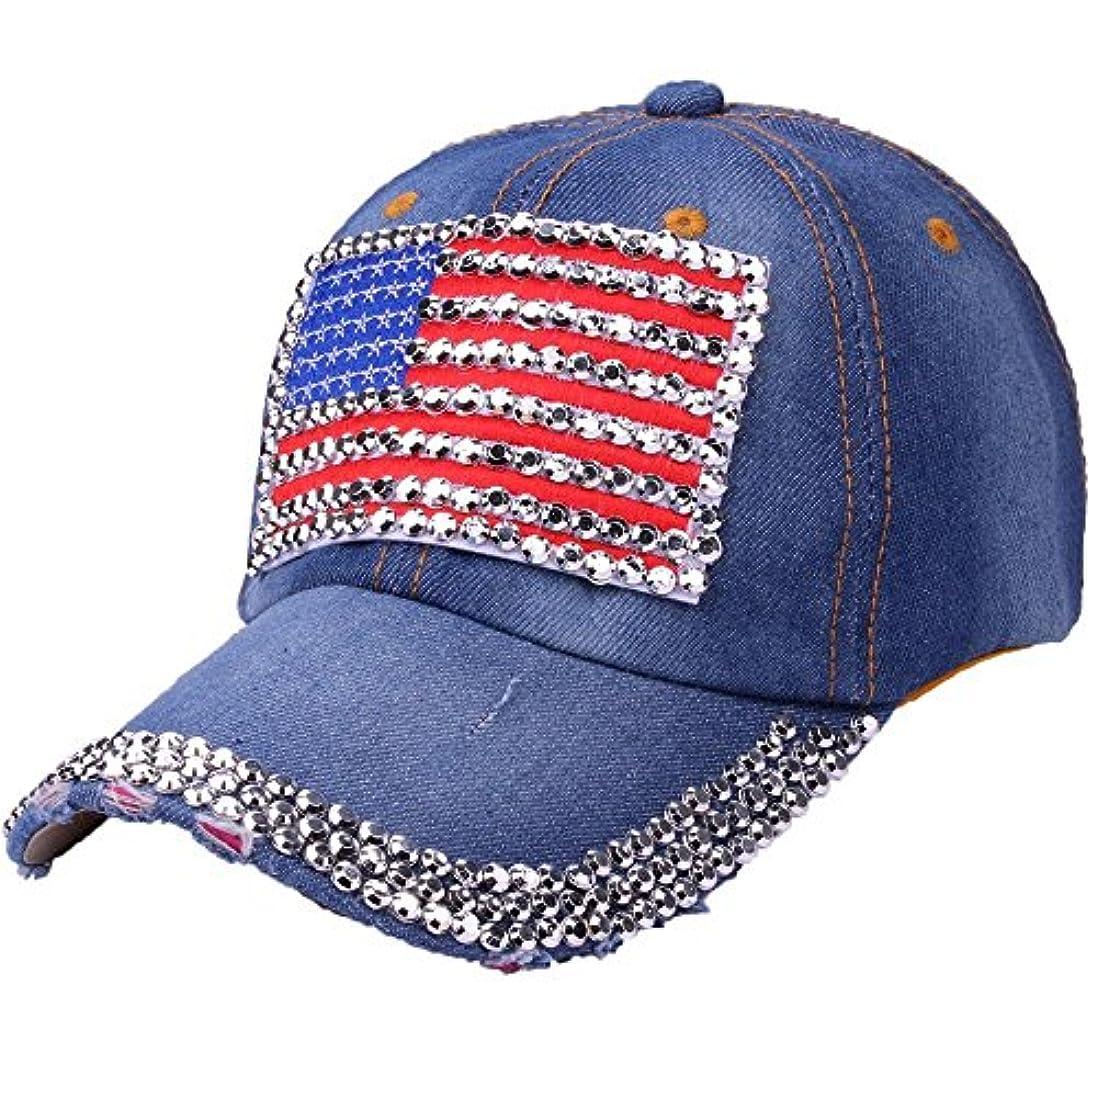 湿気の多い勇者未亡人Racazing Cap カウボーイ 野球帽 ヒップホップ 通気性のある ラインストーン 帽子 夏 登山 アメリカの旗 可調整可能 棒球帽 男女兼用 UV 帽子 軽量 屋外 ジーンズ Unisex Cap (C)